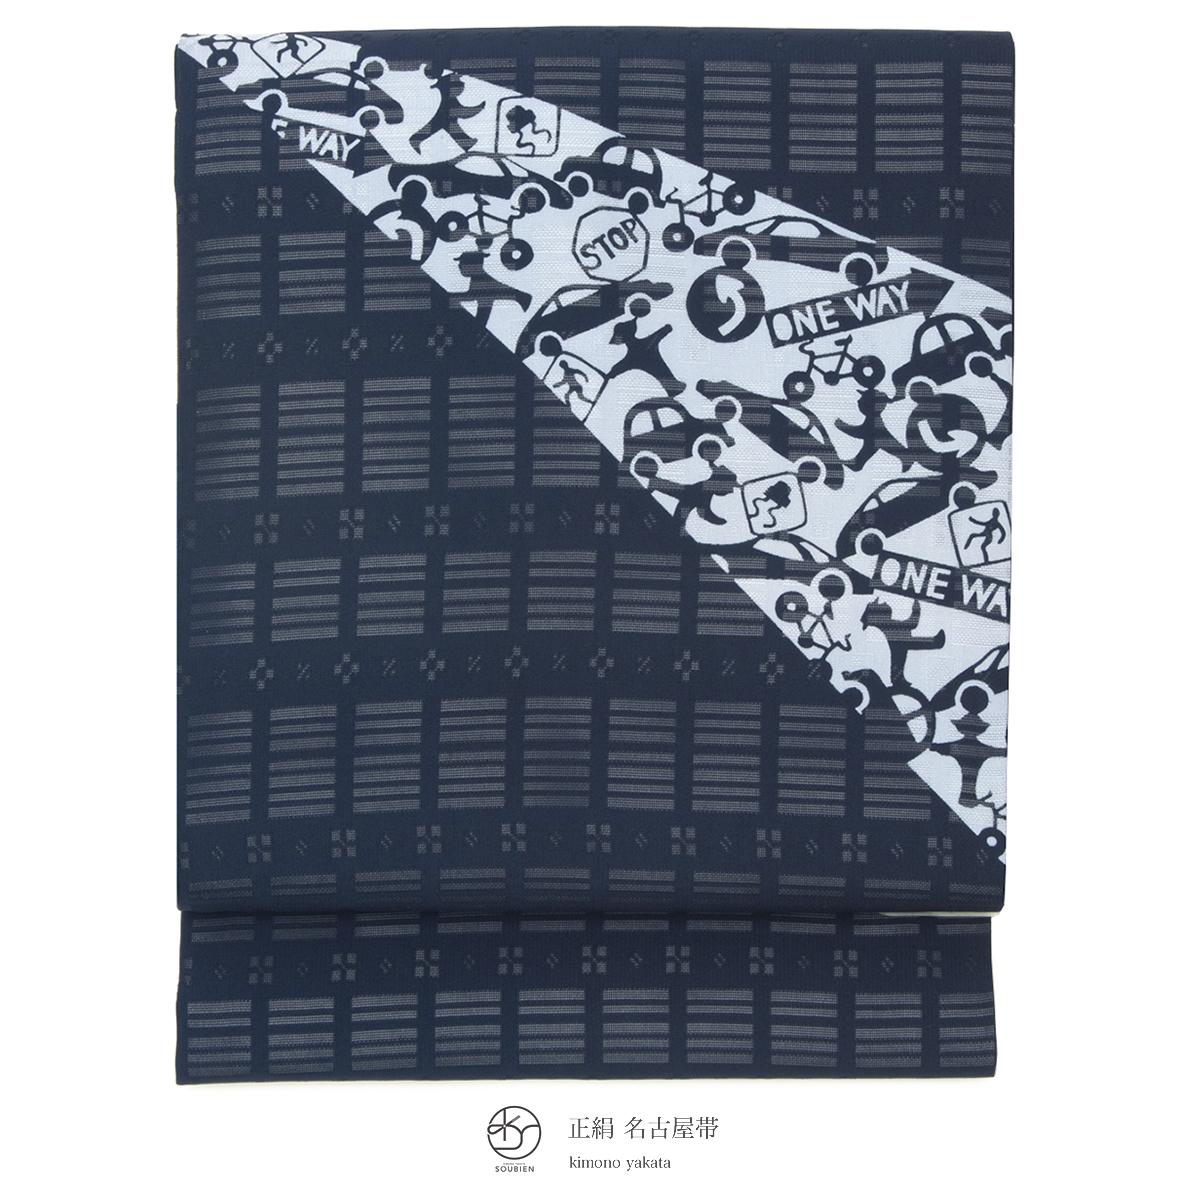 おび工房謹製の正絹九寸名古屋帯